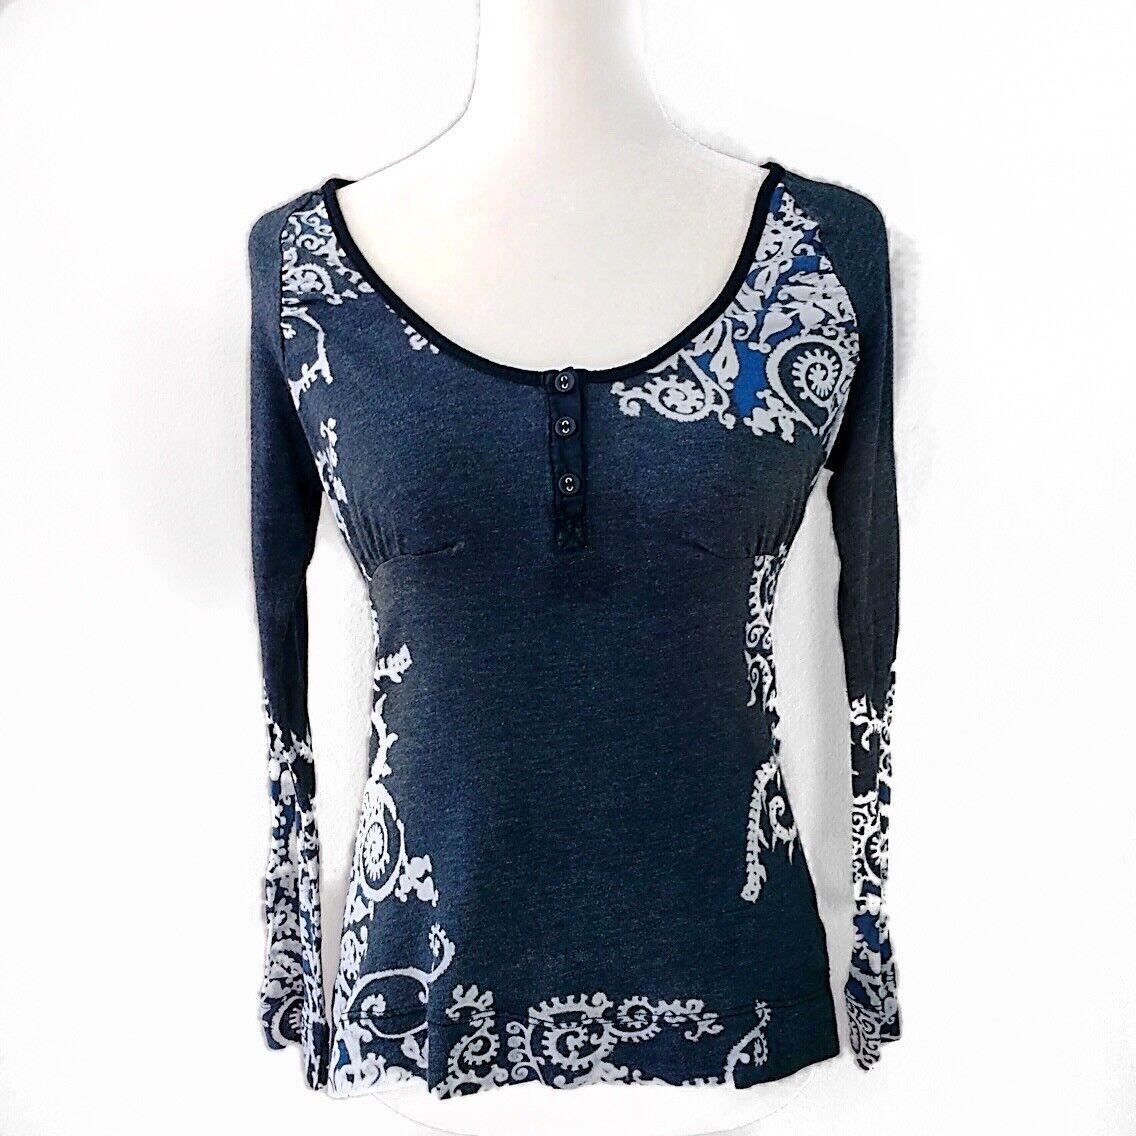 Language Cool Print Floral Details Long Sleeve Shirt Blouse Top Größe M